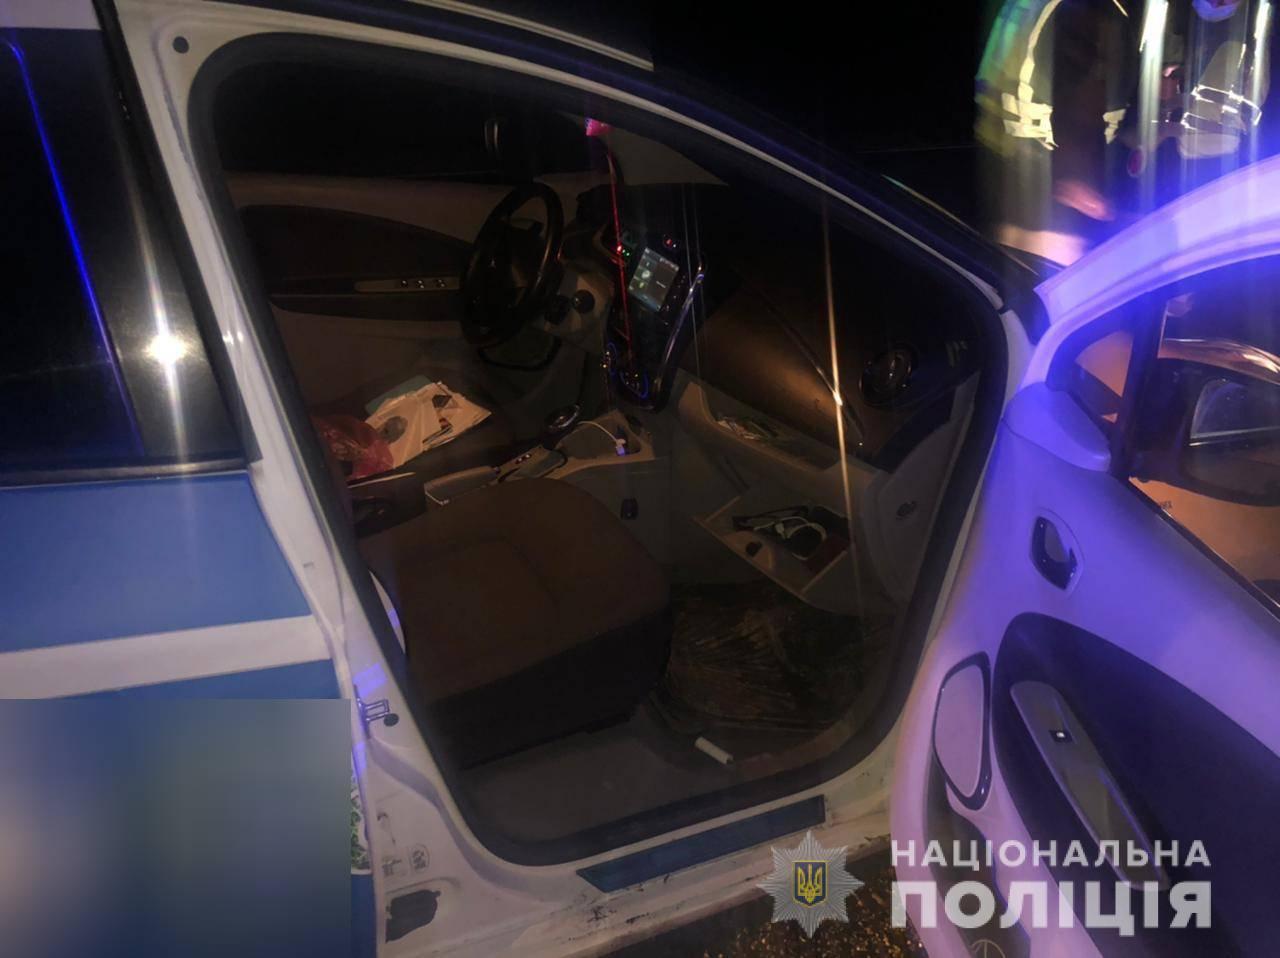 Поліція затримала сильно п'яного мукачівця зі зброєю